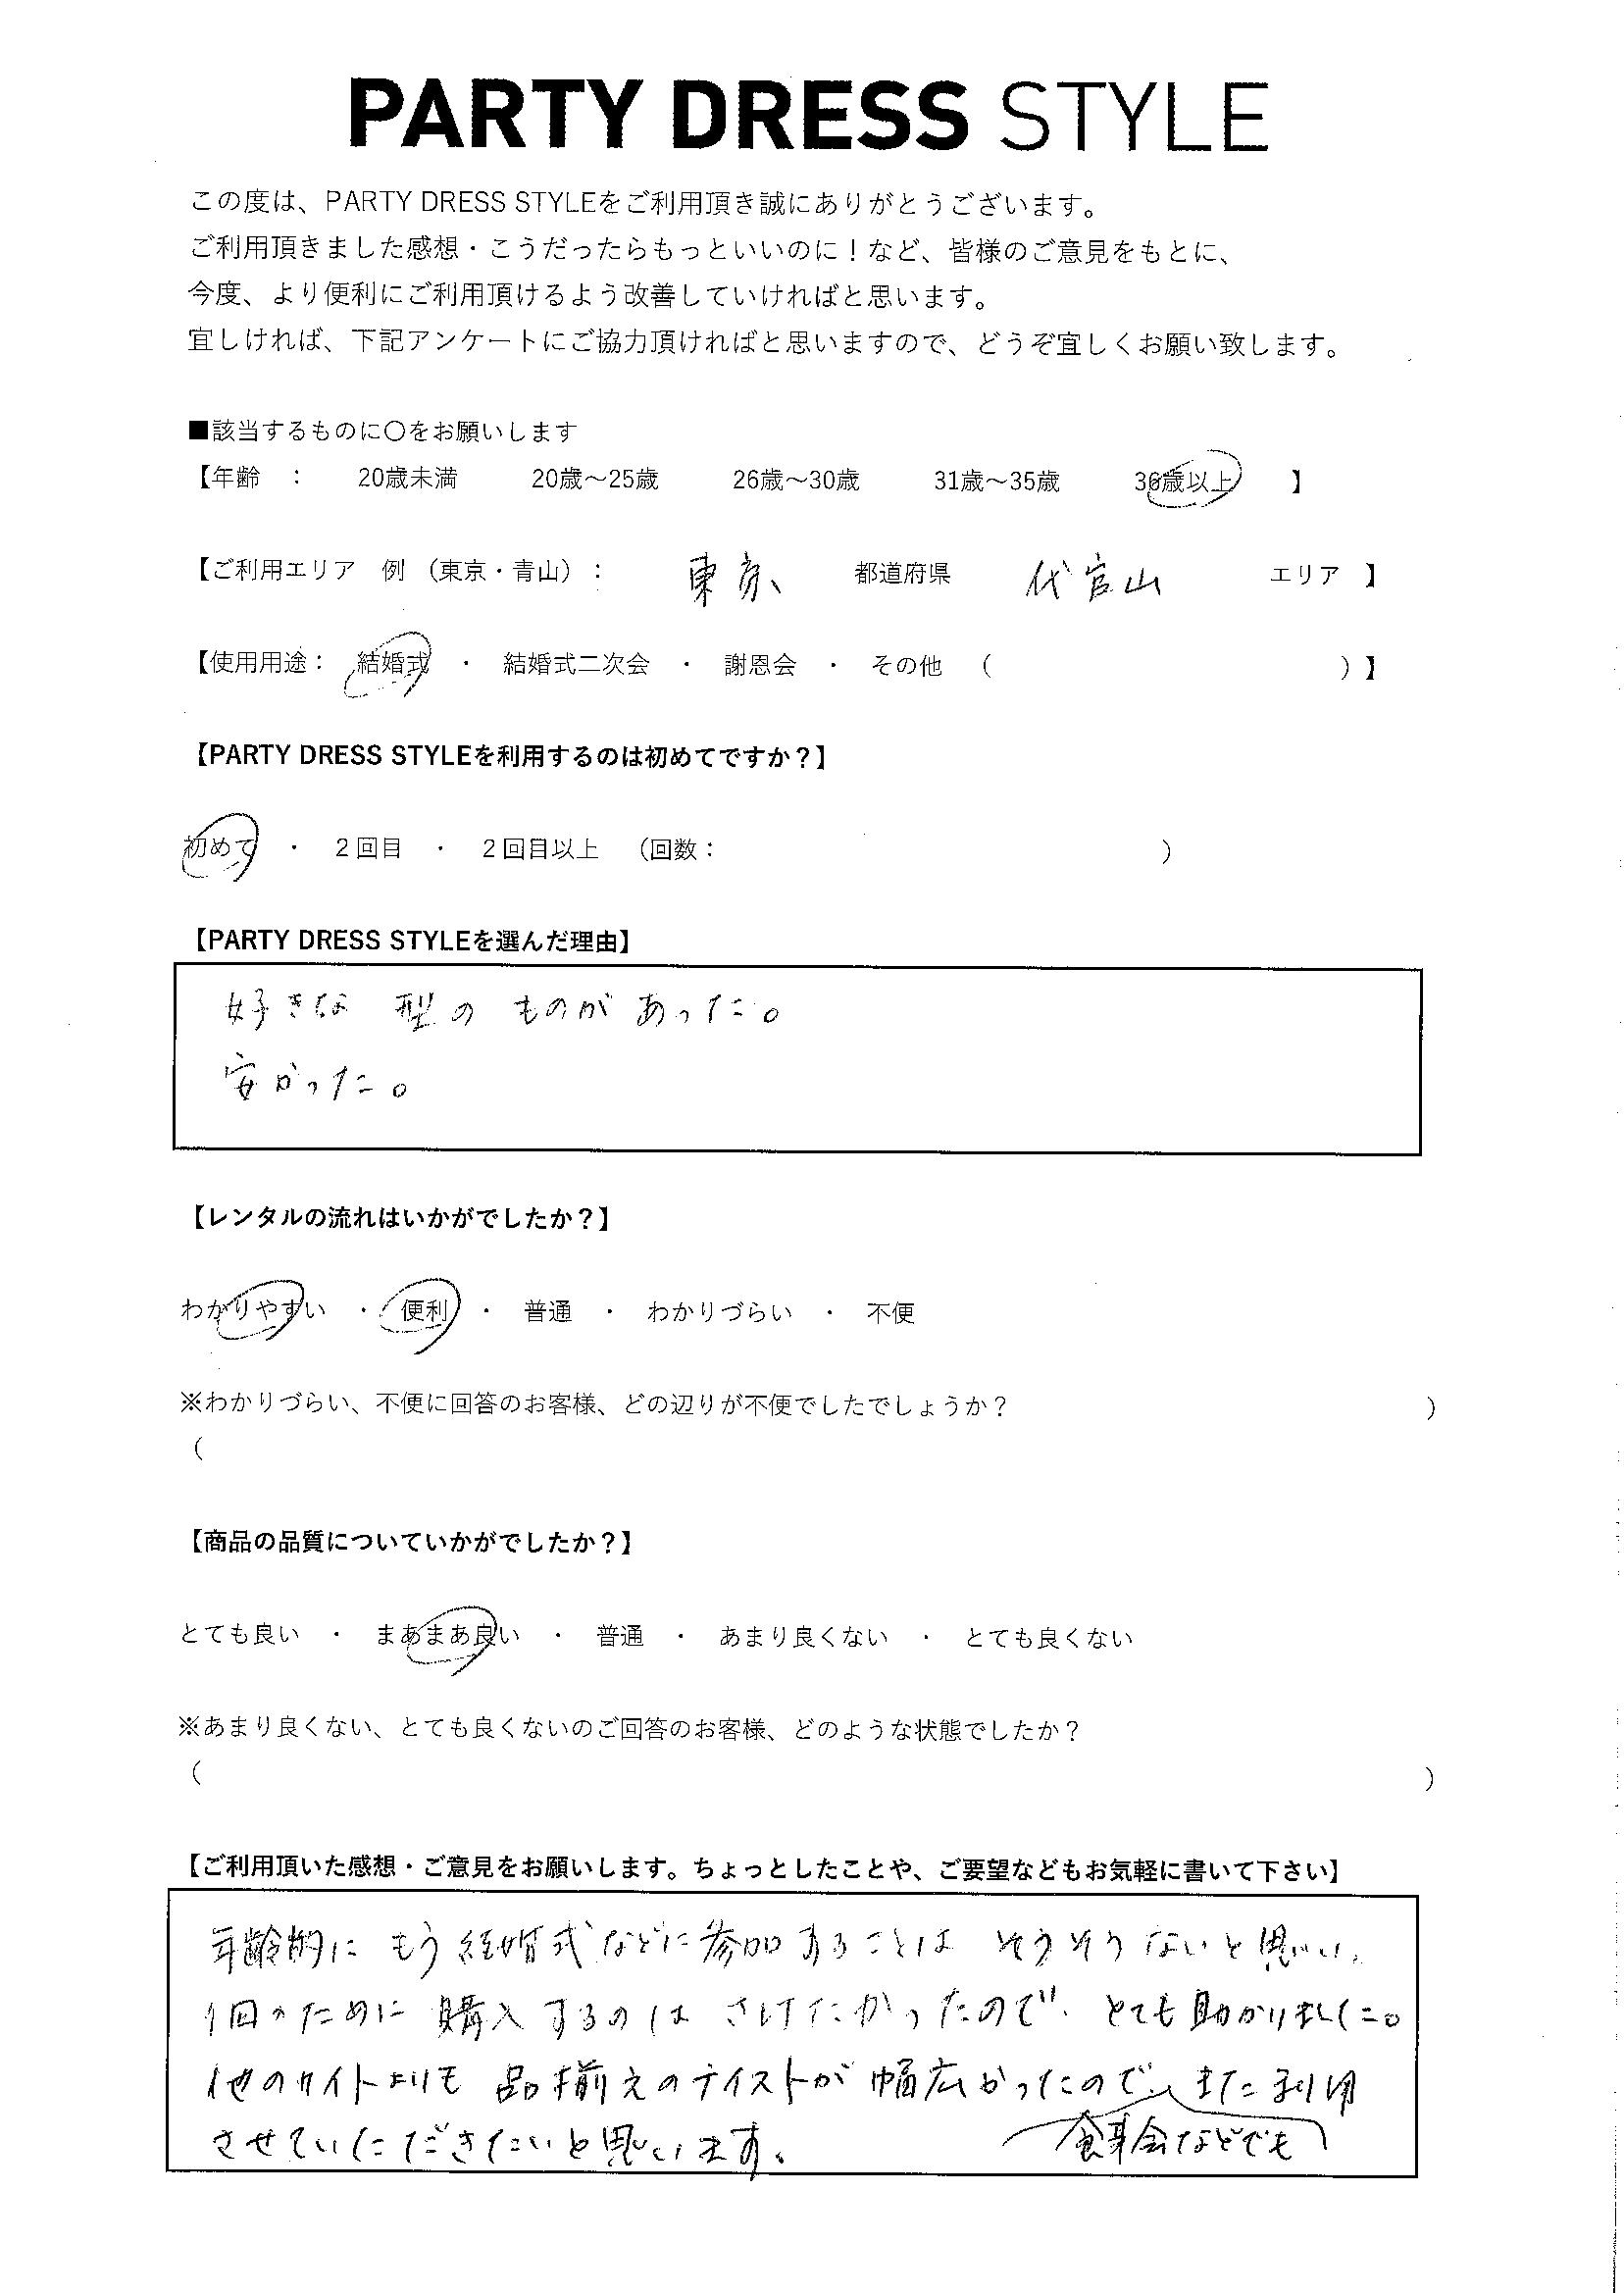 9/30結婚式 東京・代官山エリア